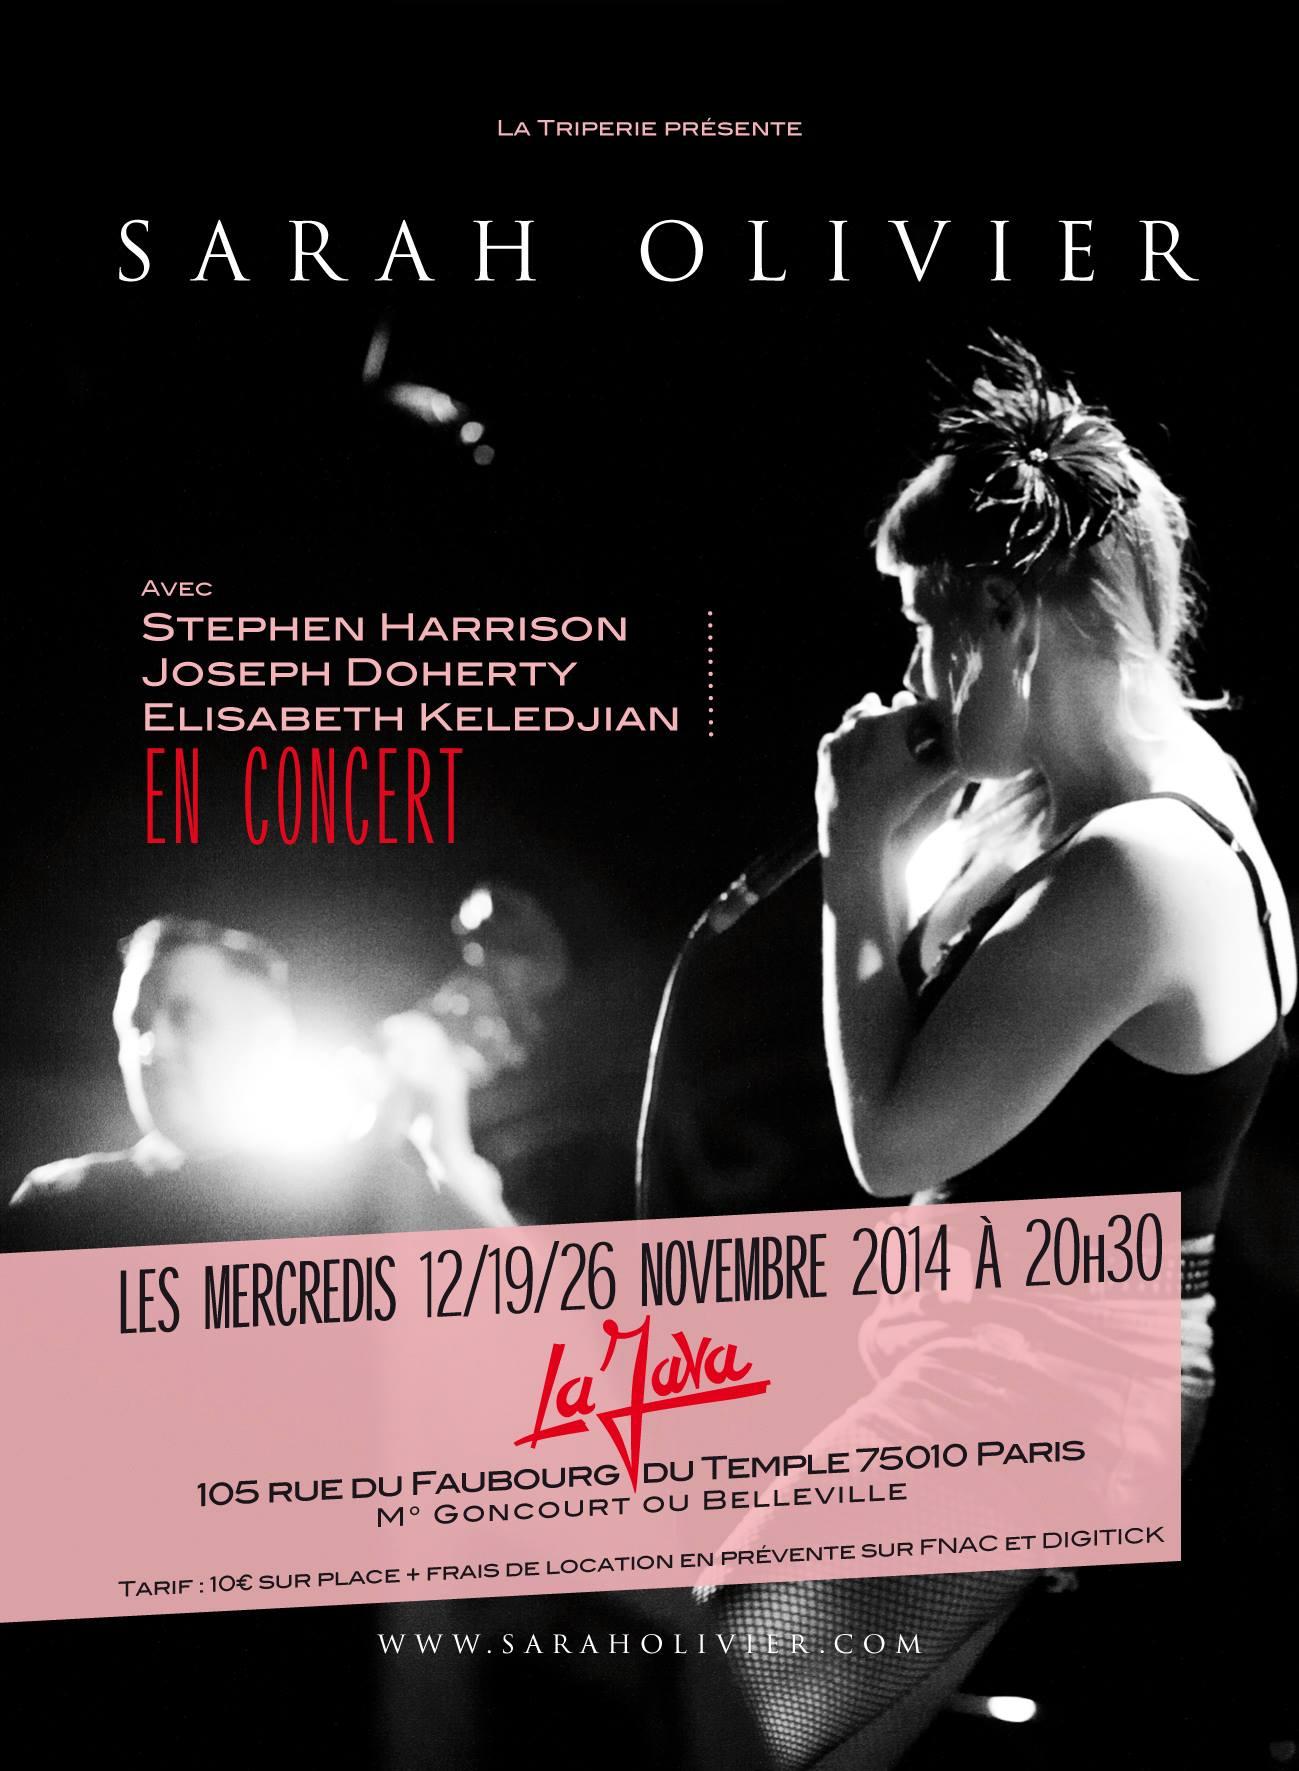 Sarah Olivier - La Java concert Paris - chanson française underground rock indés